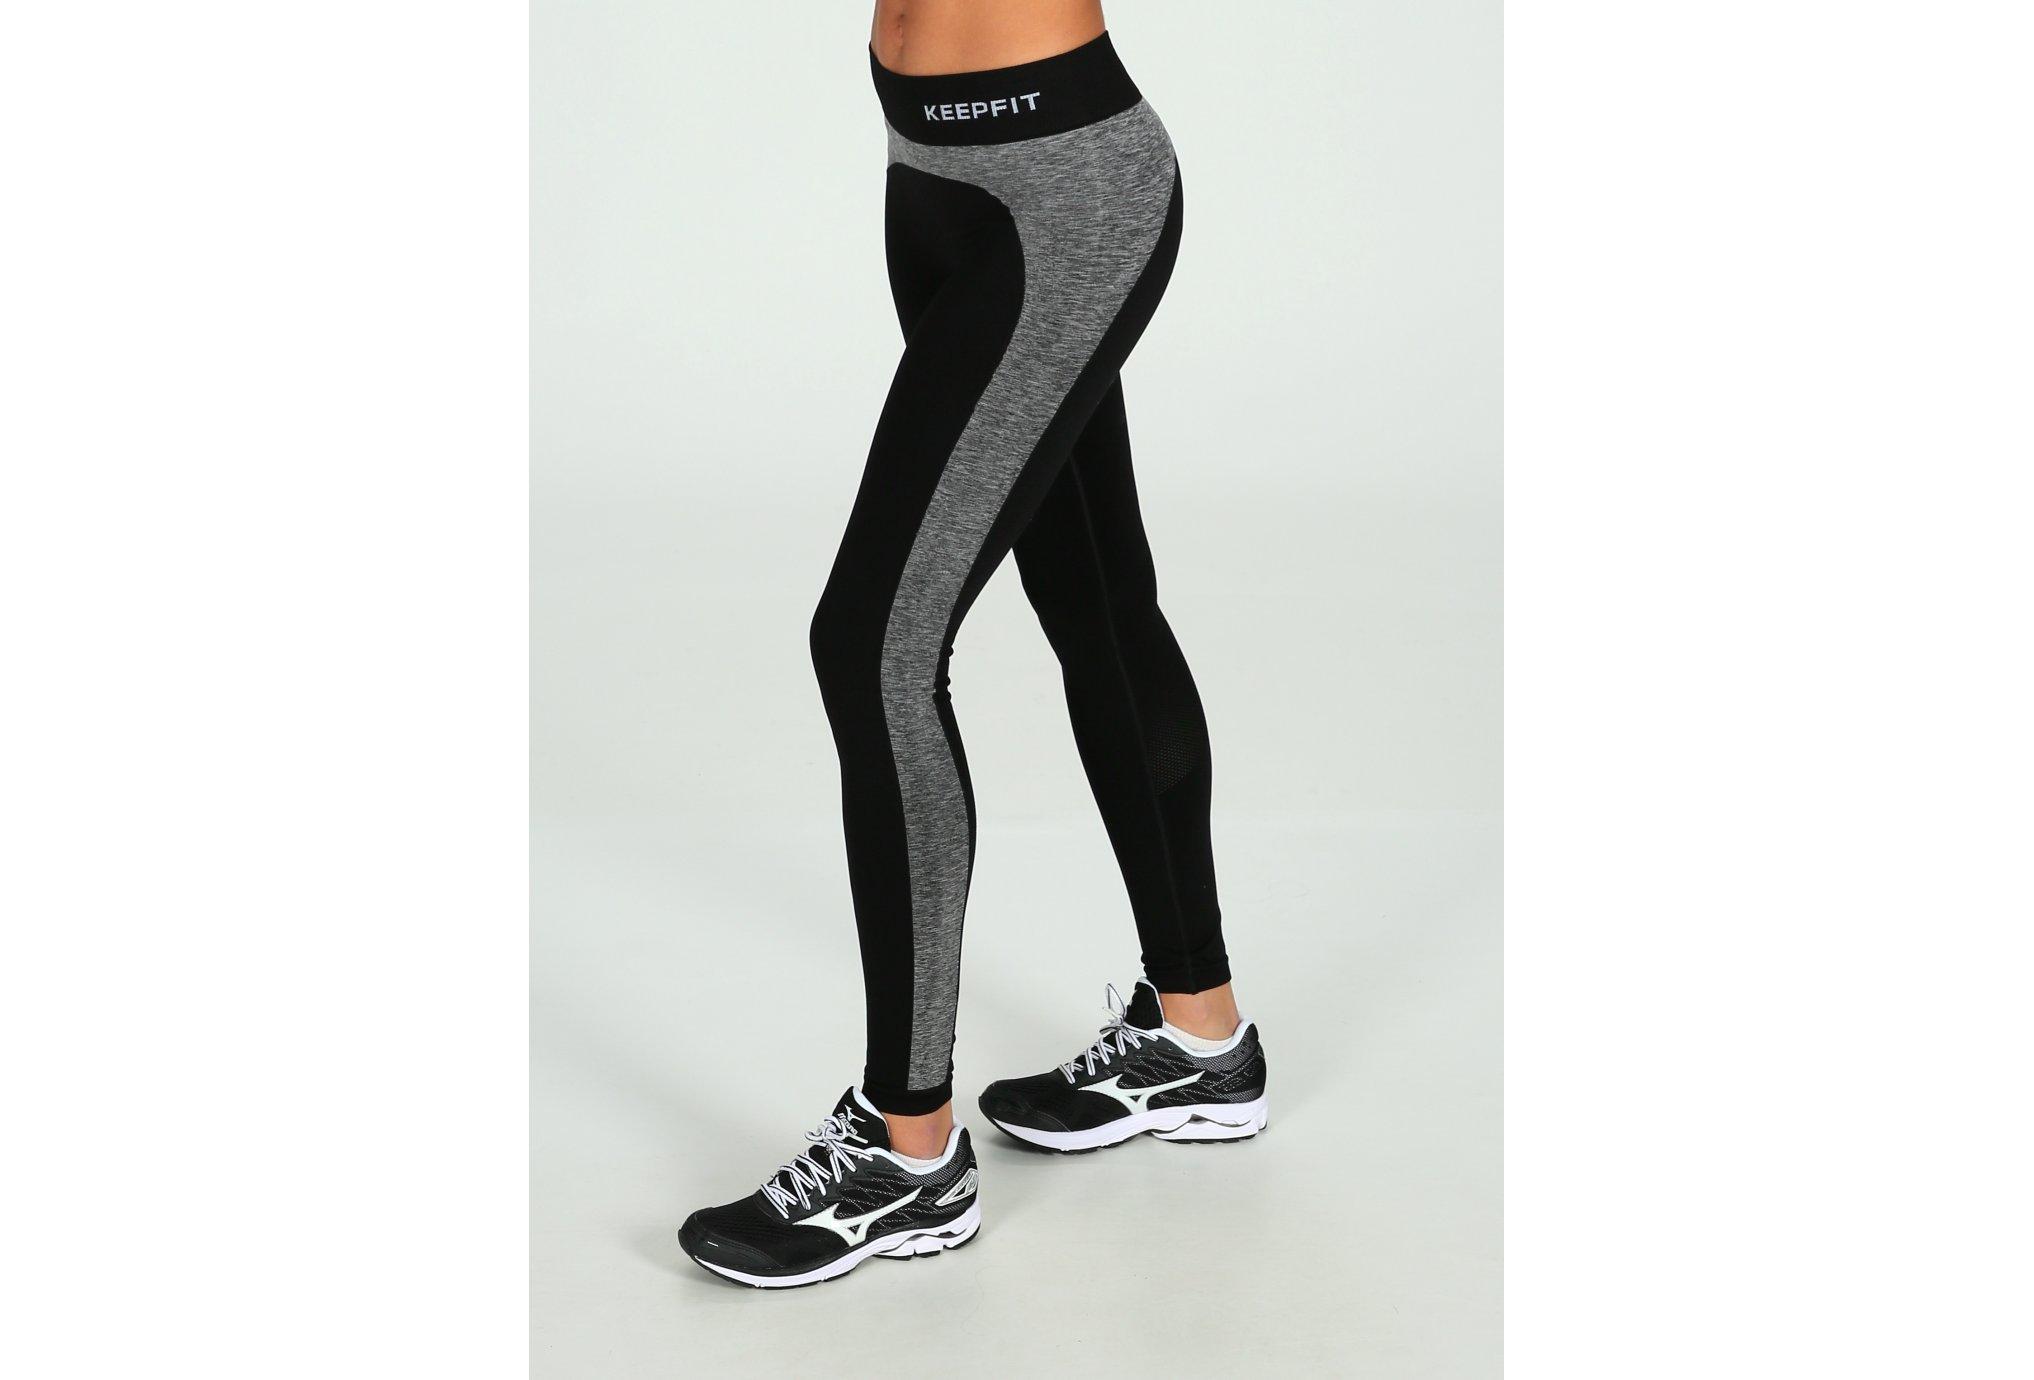 BV Sport Legging KeepFit W vêtement running femme